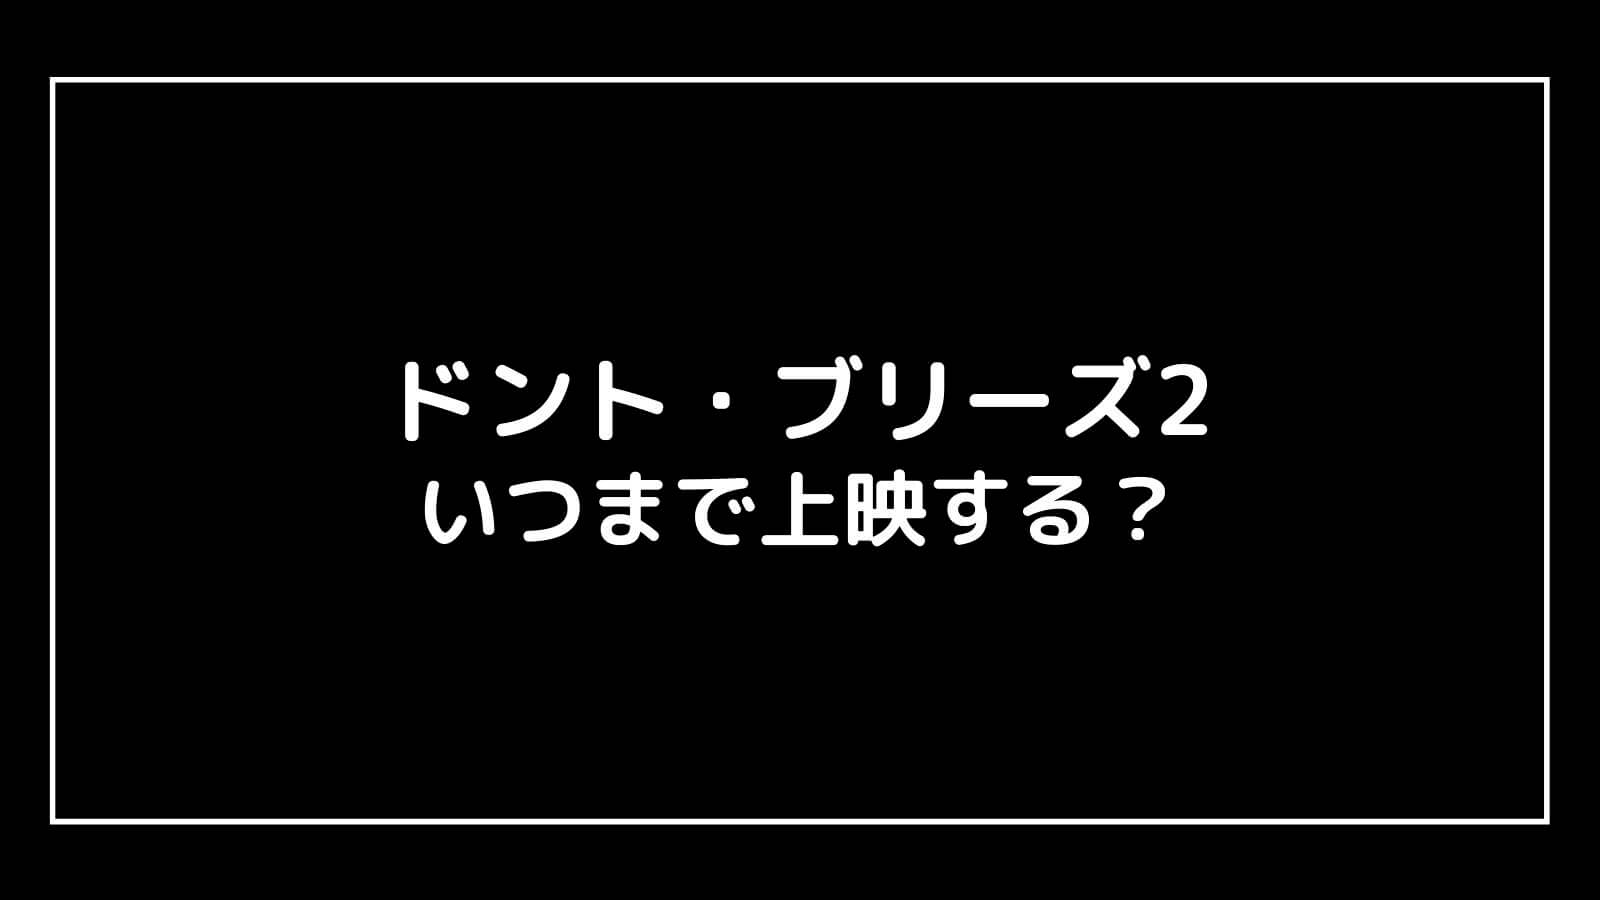 映画『ドント・ブリーズ2』はいつまで上映する?元映画館社員が公開期間を予想